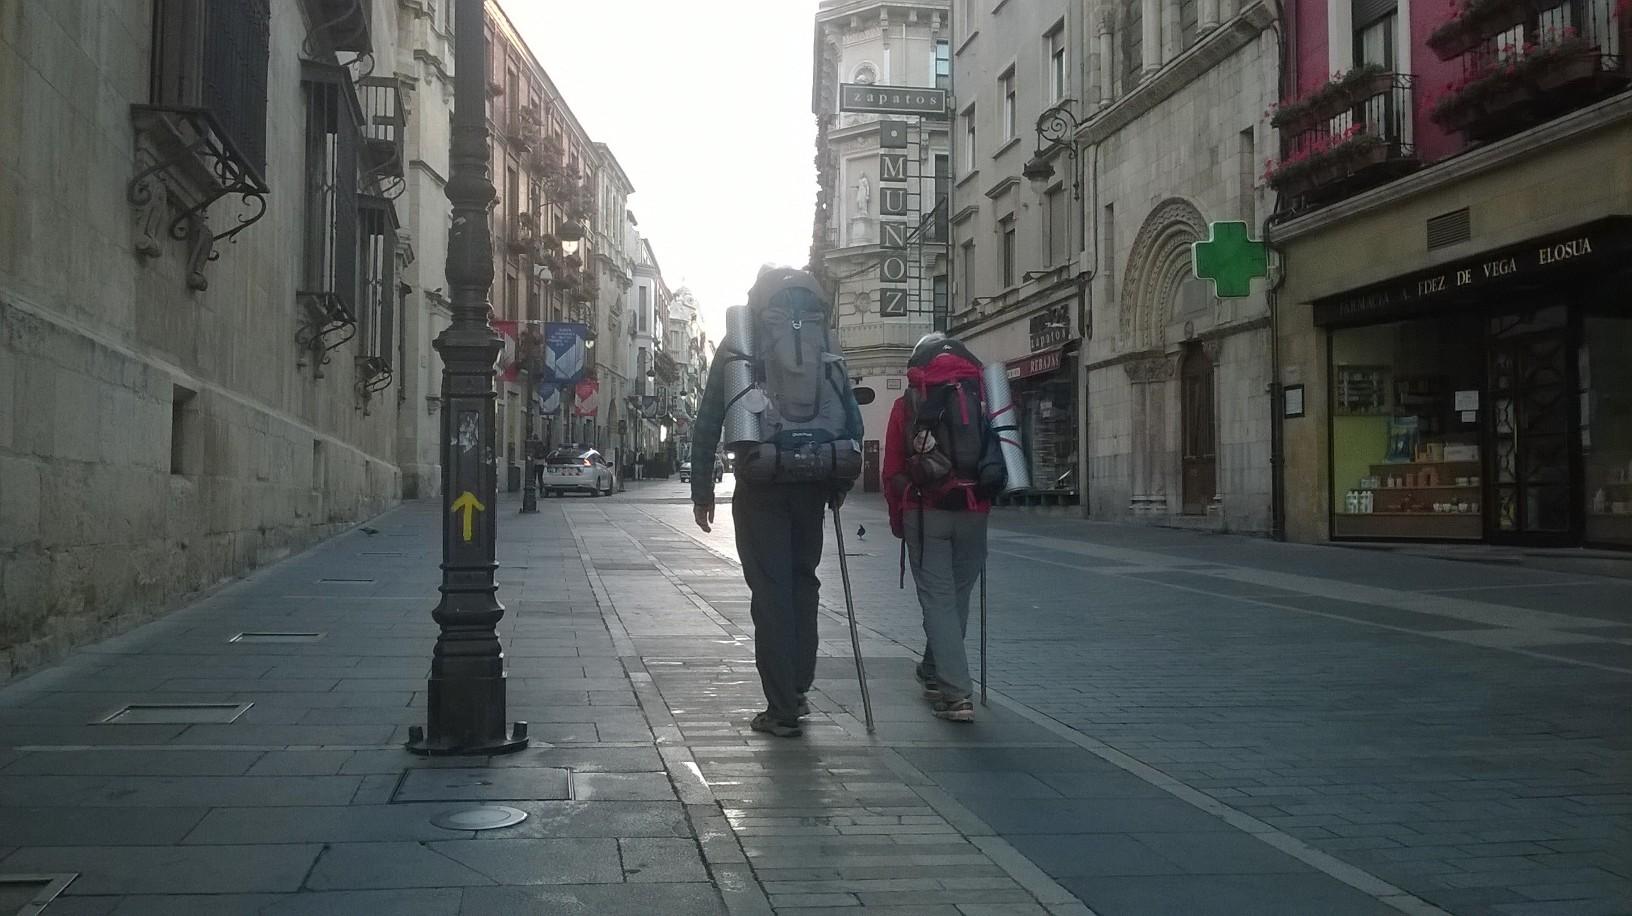 Señalética Camino de Santiago